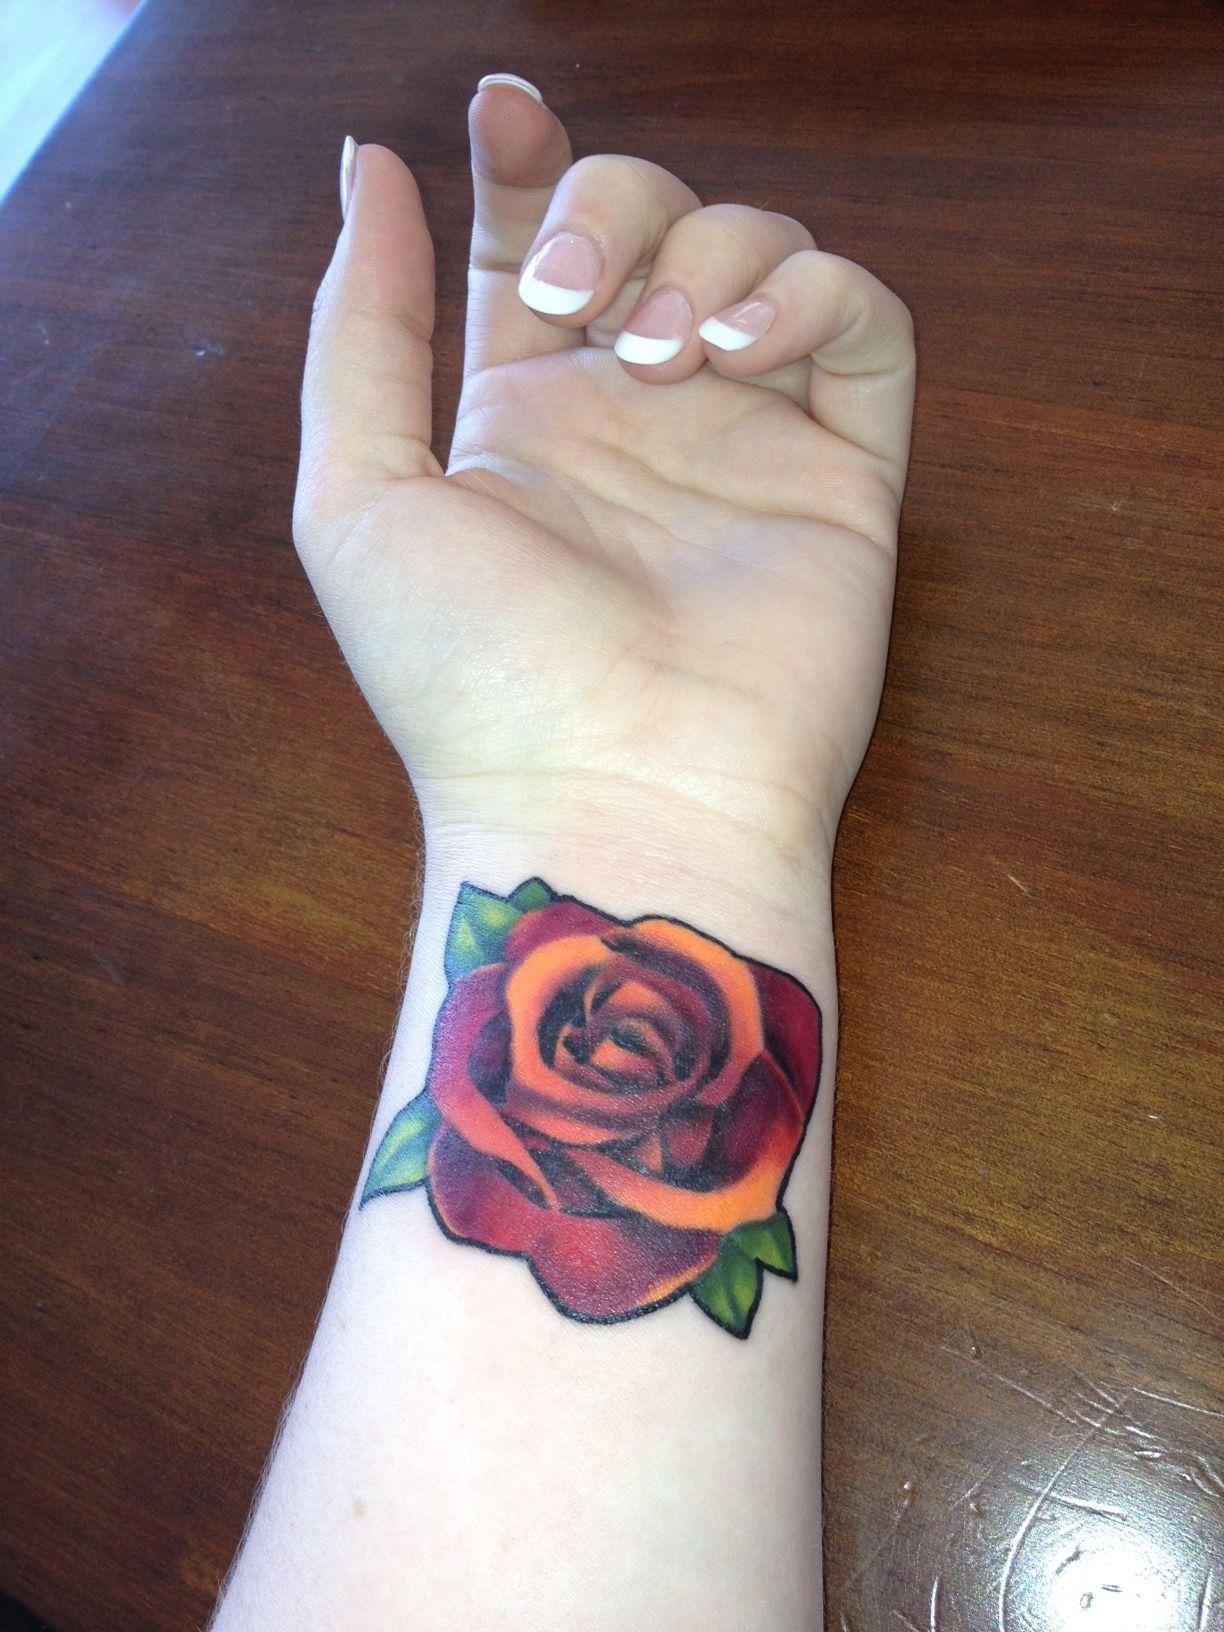 Red/Orange ArtNouveau Rose tattoo by Christina at Zulu